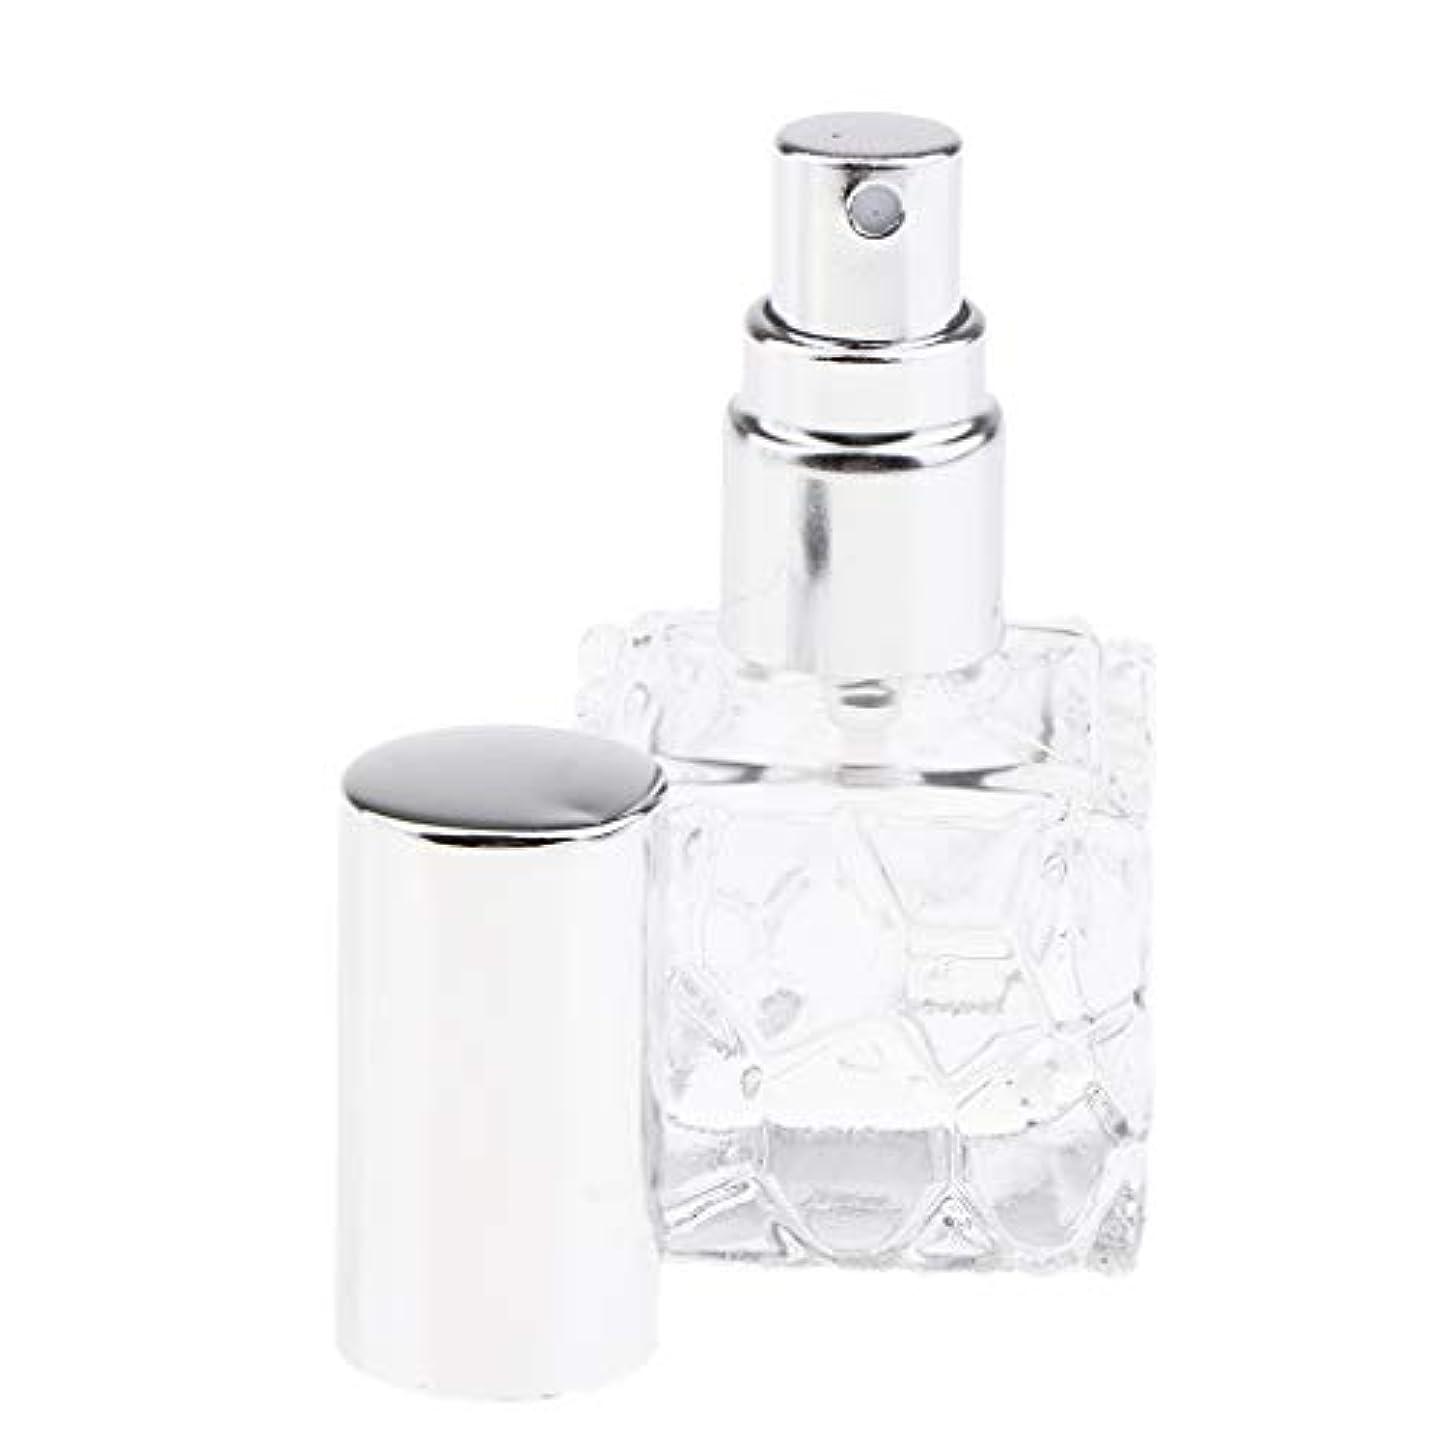 日バーター宿るDYNWAVE スプレーボトル ガラス 詰め替え式 ファインミストスプレー アロマ保存 香水 保存 2種選択でき - 10ml 3個